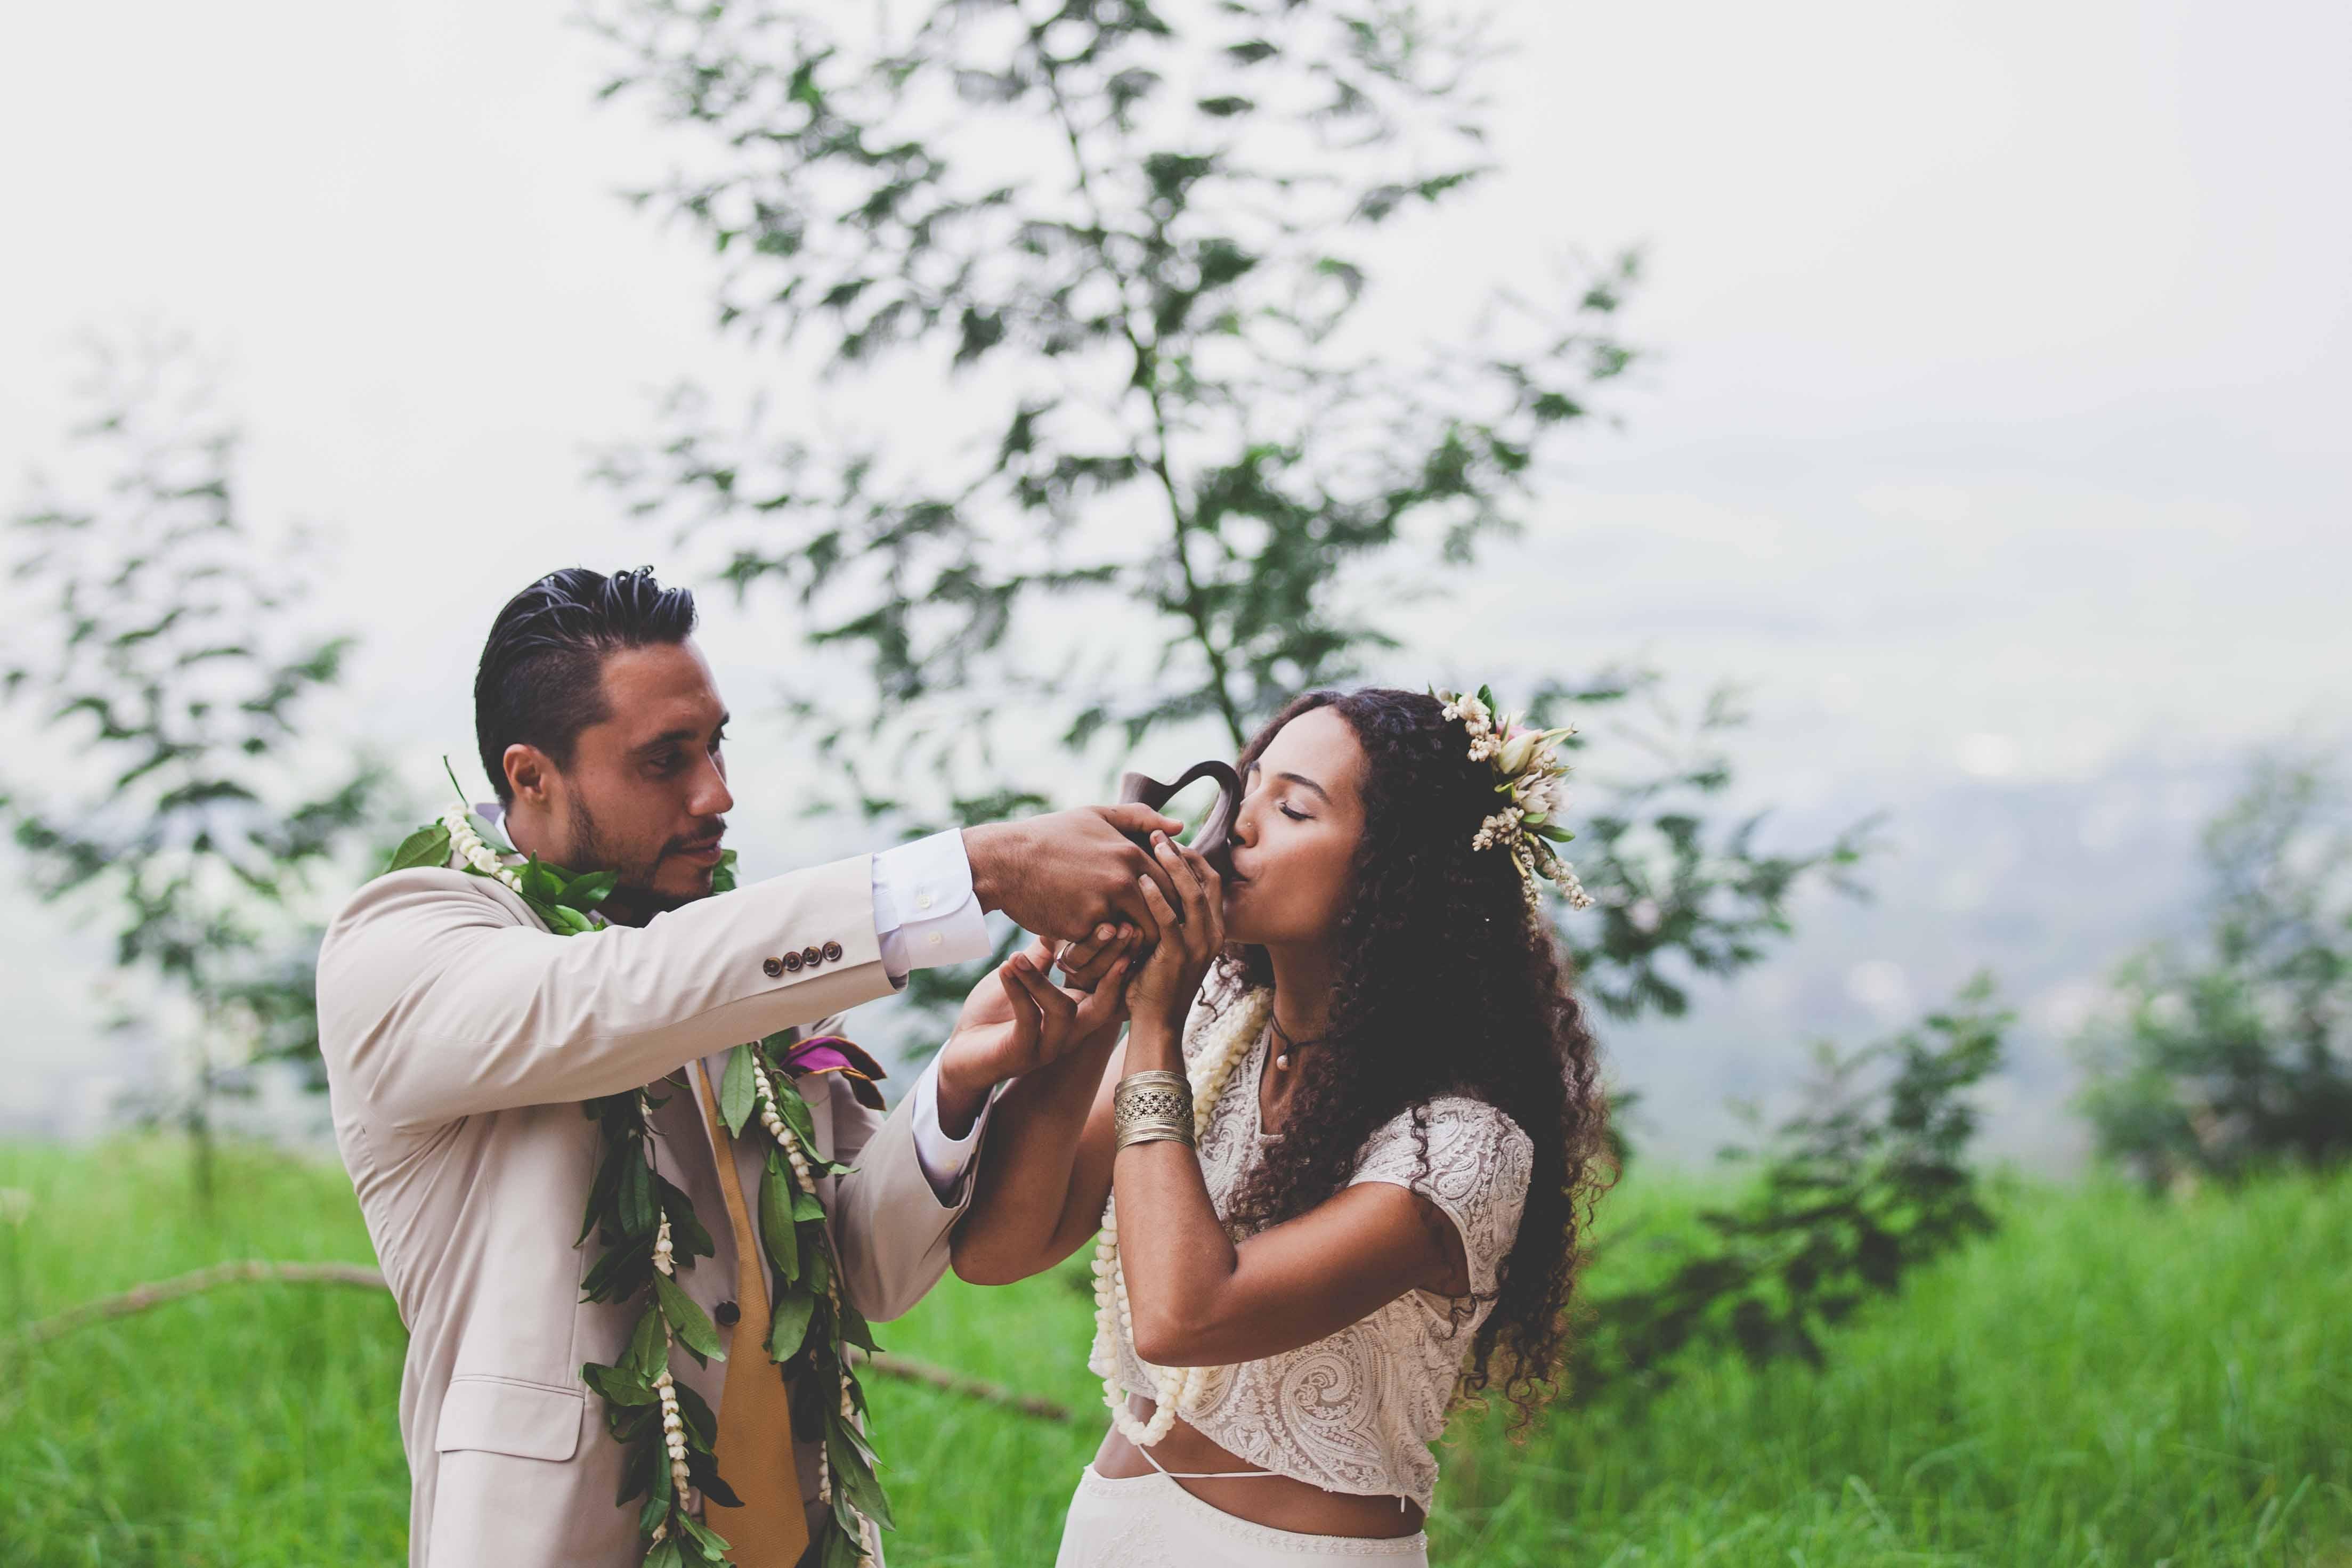 Traditional Hawaiian Wedding Gift Ideas - Gift Ideas